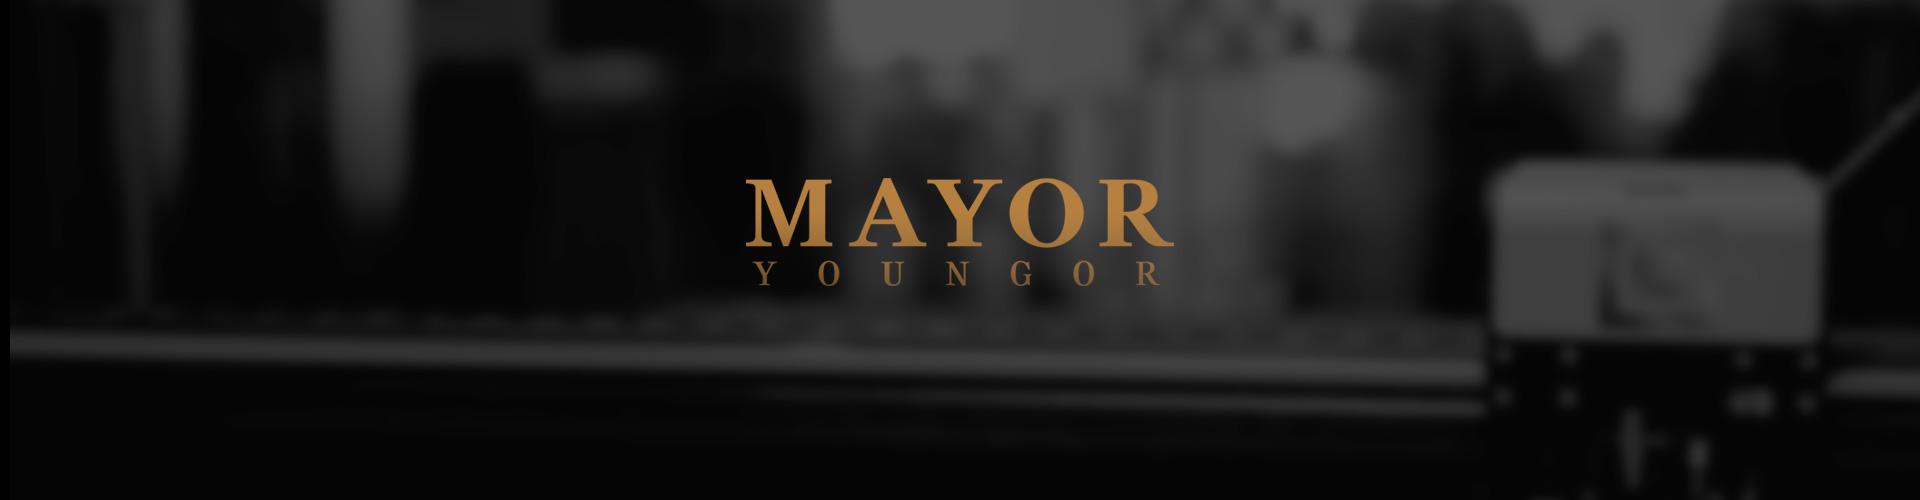 MAYOR Youngor